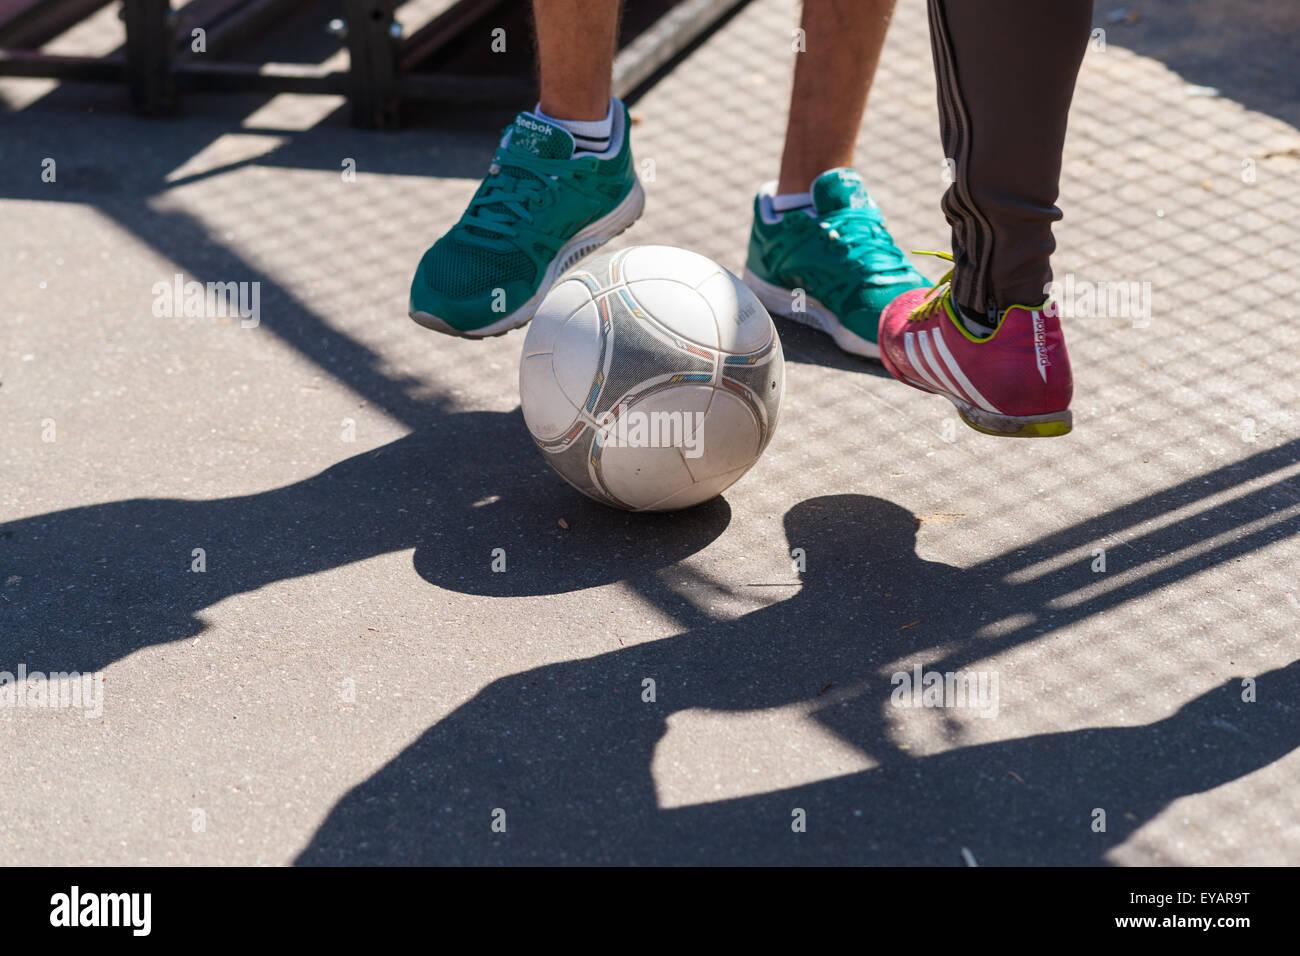 Moscú, Rusia. El 25 de julio de 2015. Juegos de la ciudad de Moscú 2015 festival deportivo tuvo lugar Imagen De Stock